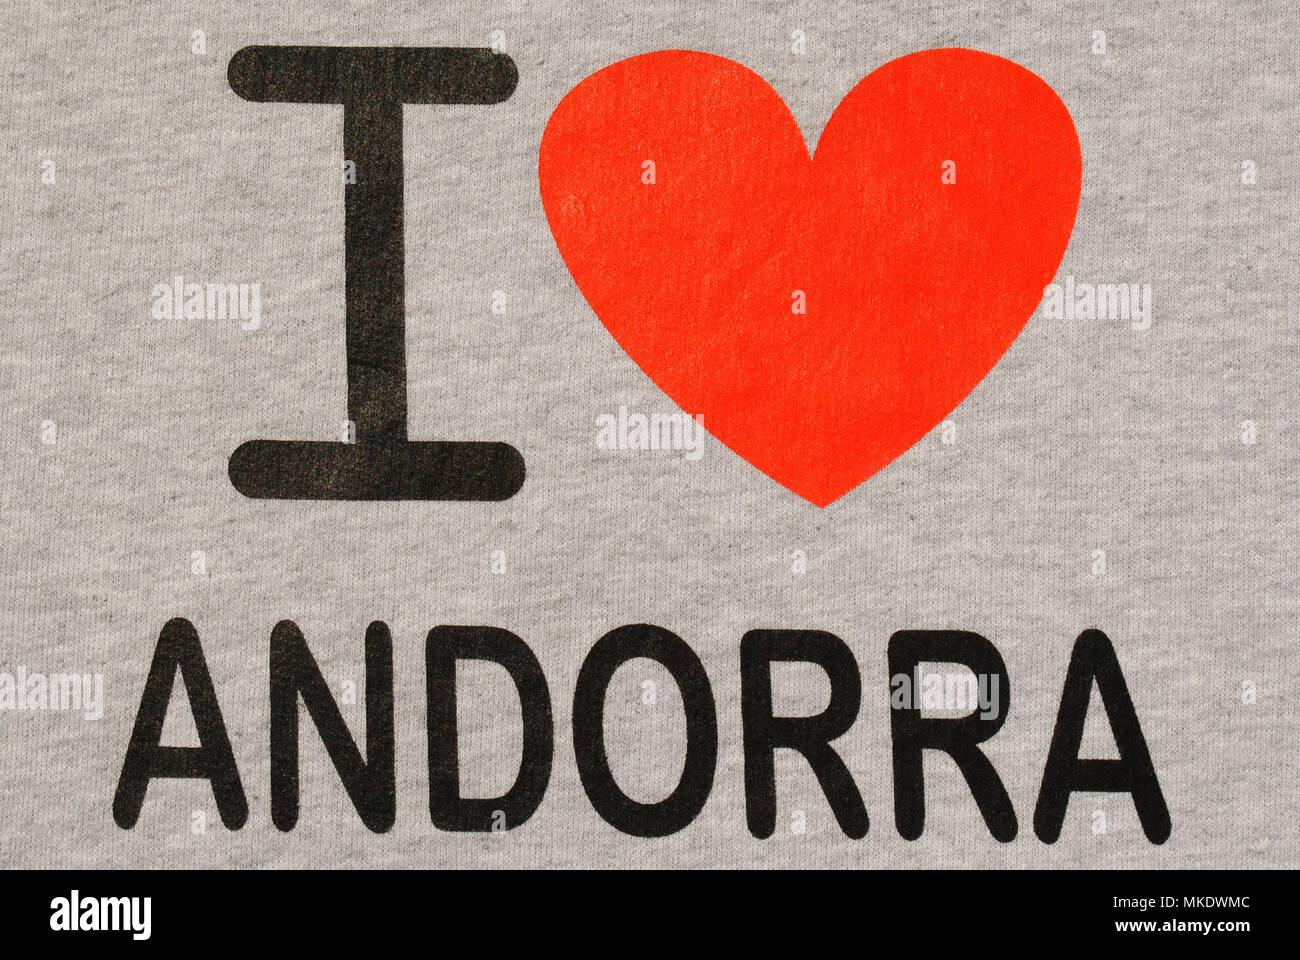 Un close-up di un'Andorra felpa con un grande cuore rosso su di esso. Immagini Stock